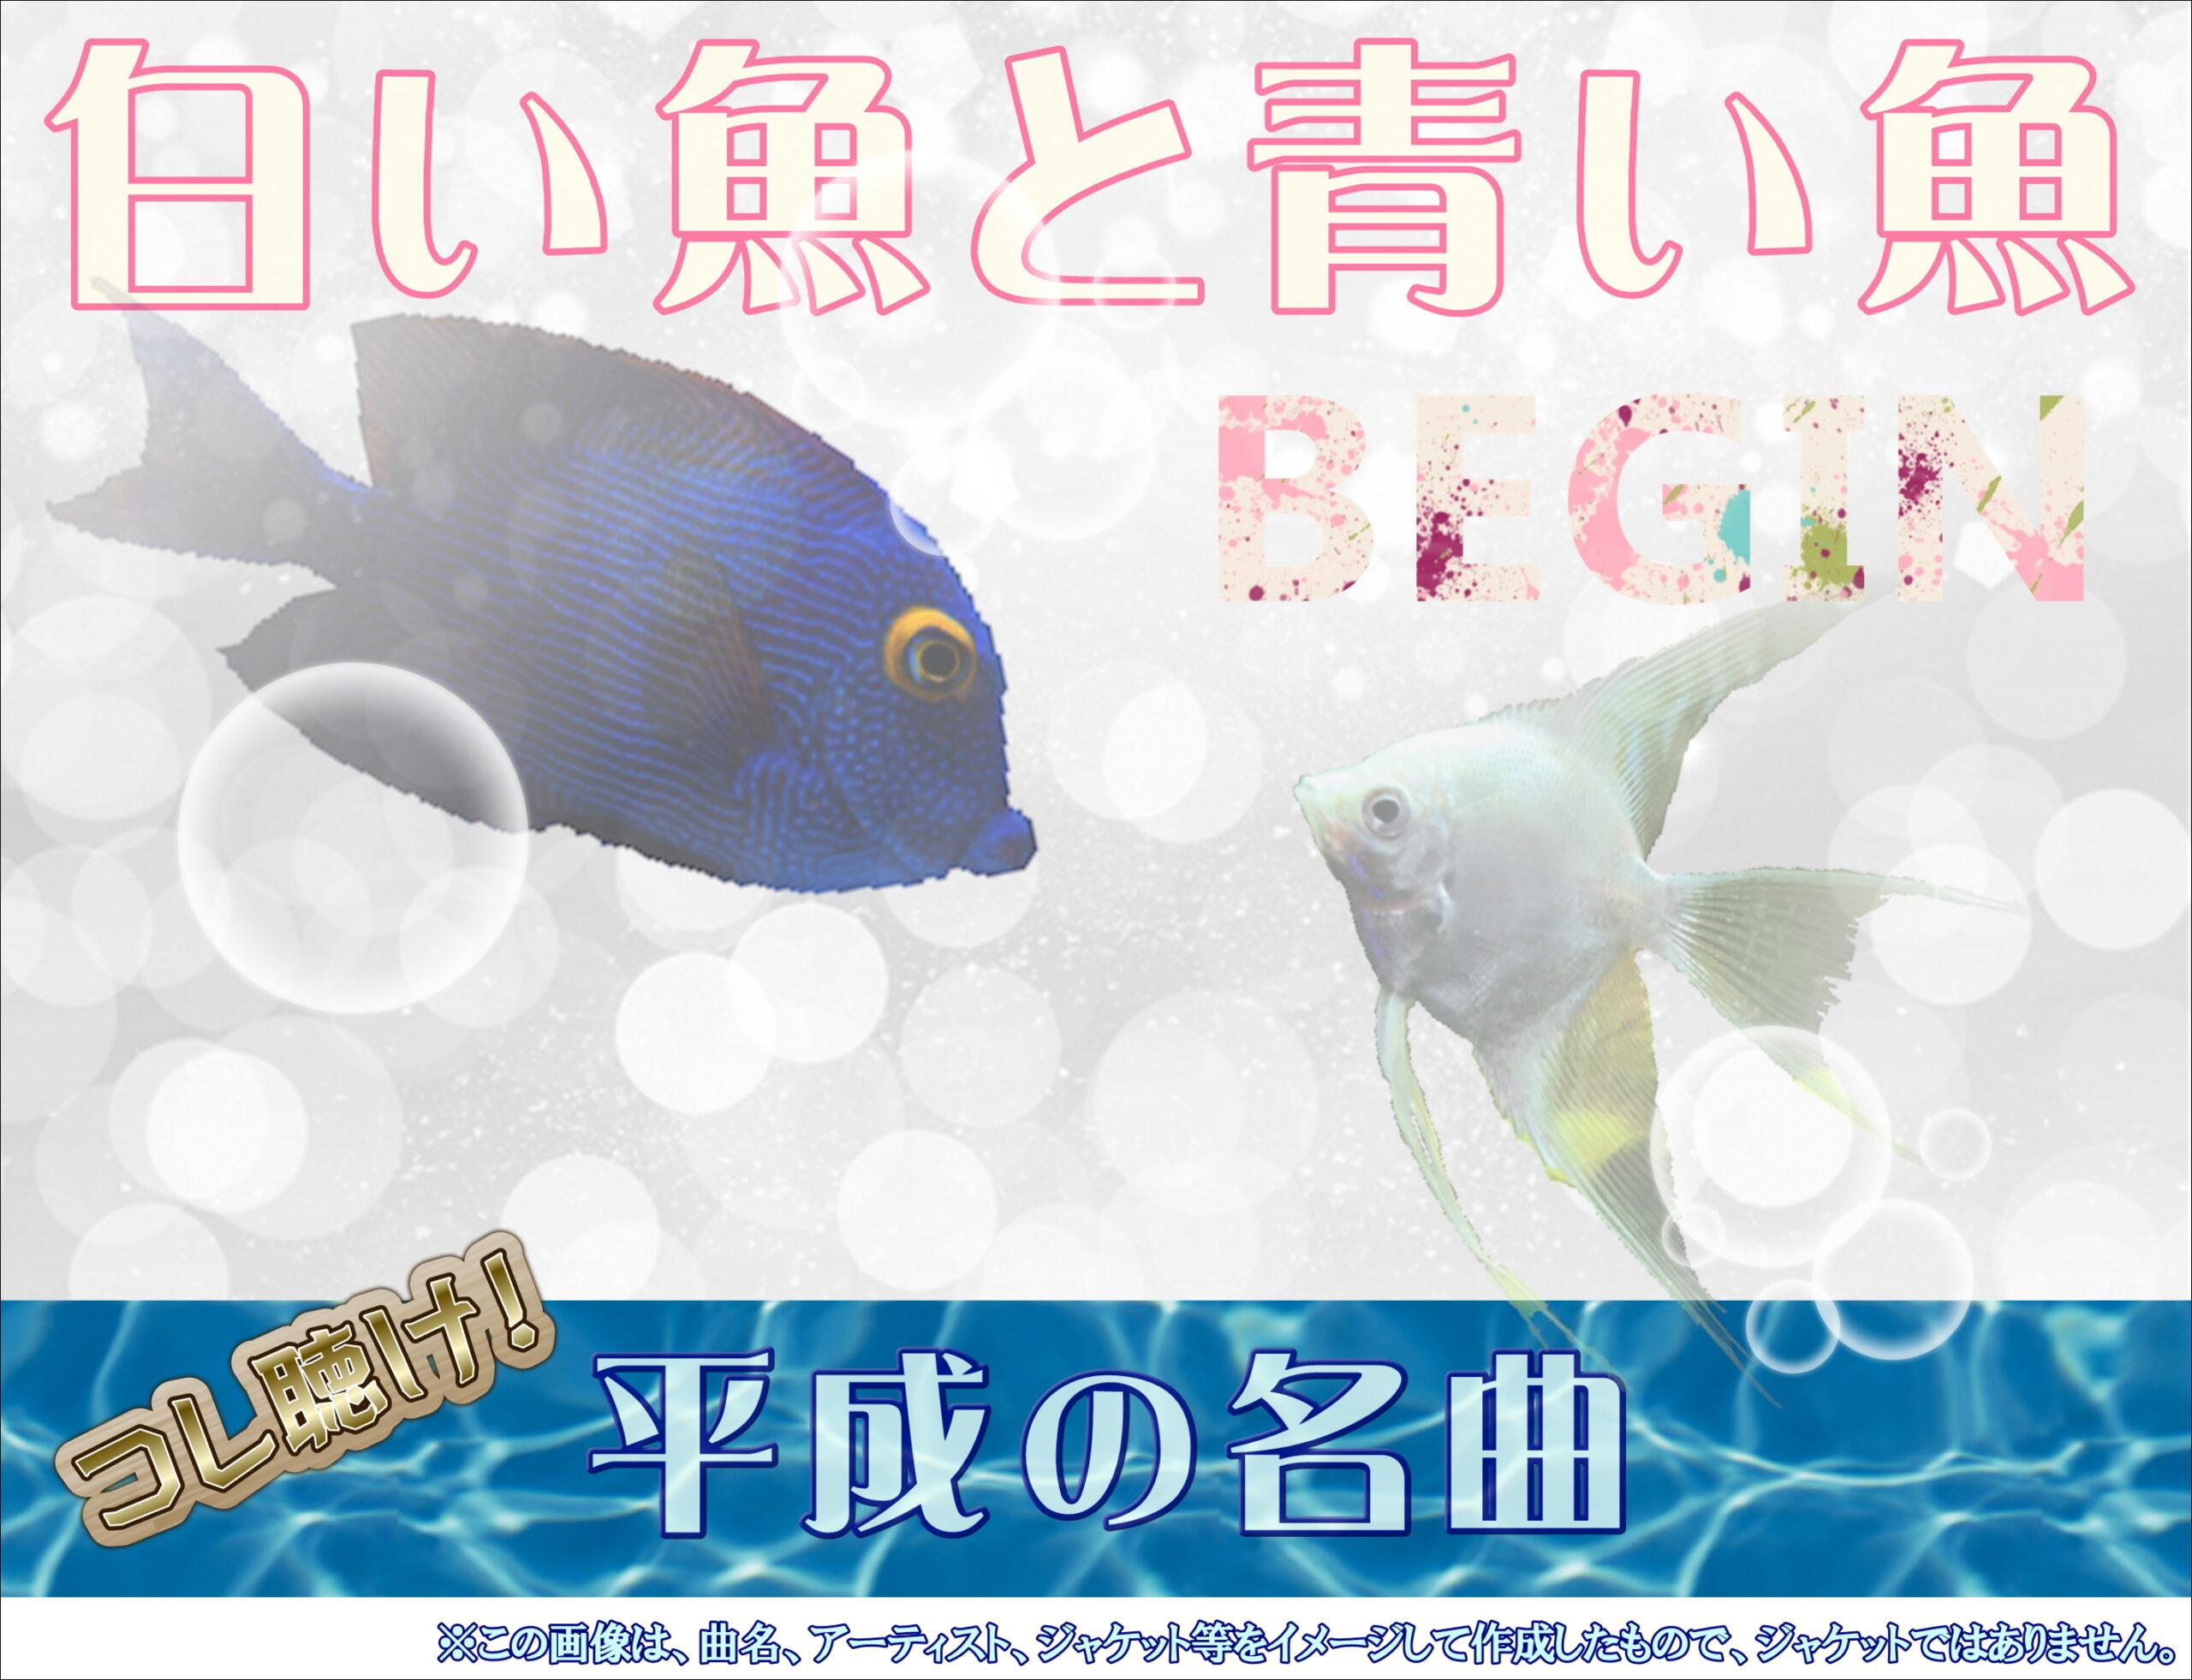 白い魚と青い魚2